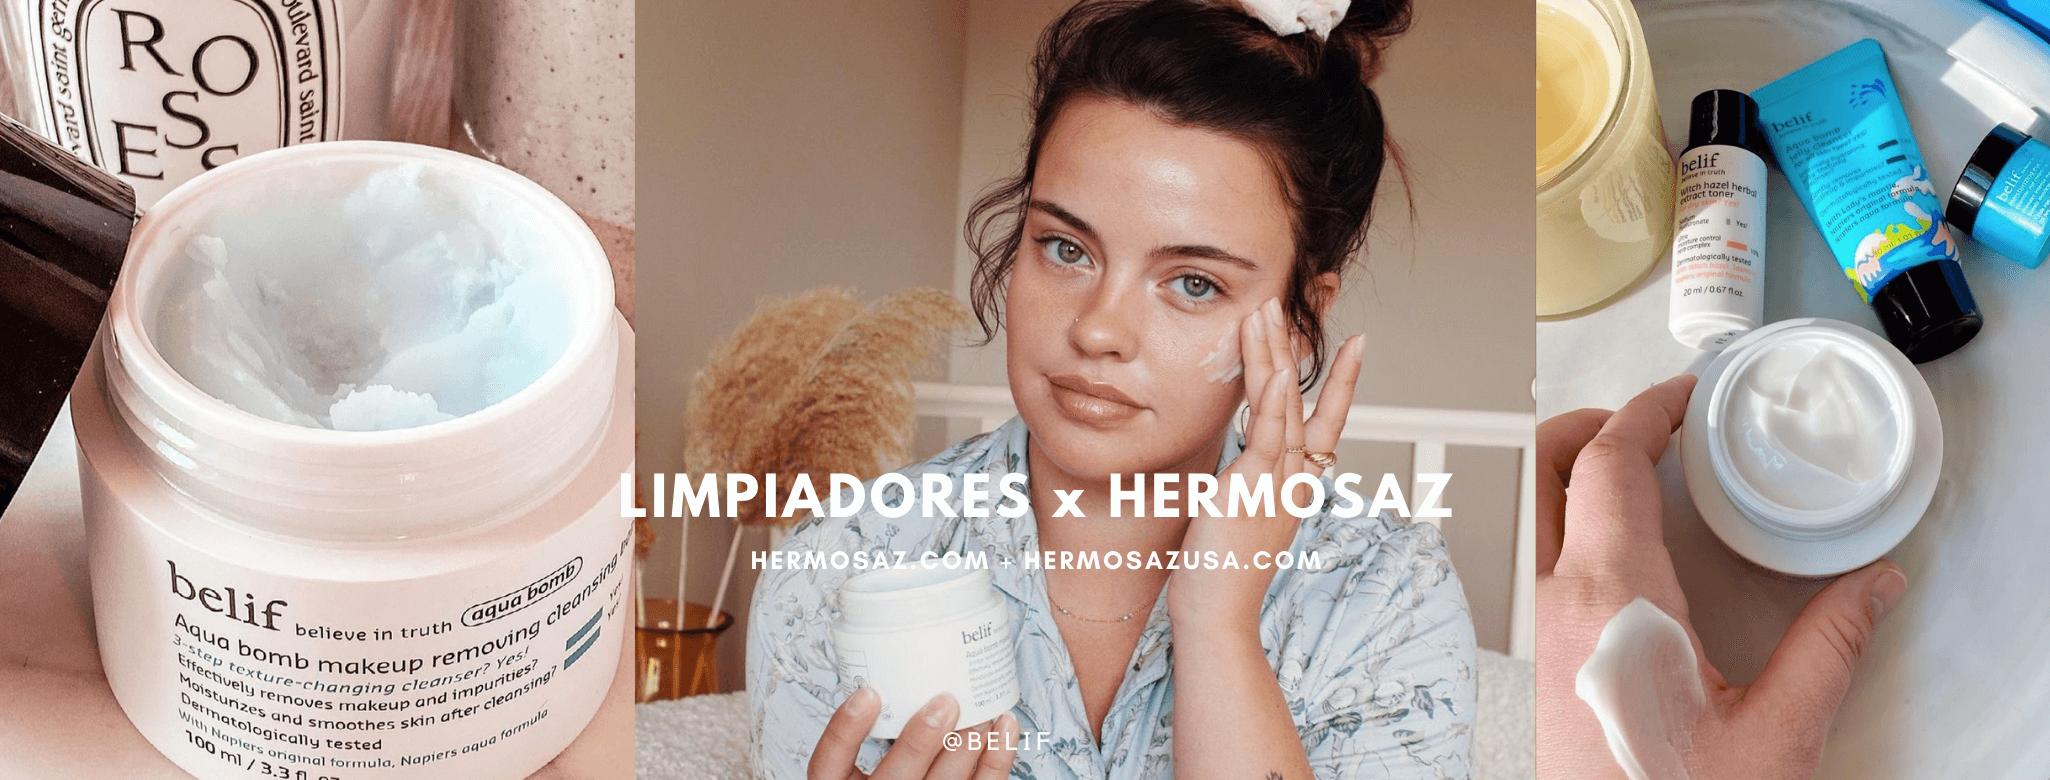 LIMPIADORES x Hermosaz